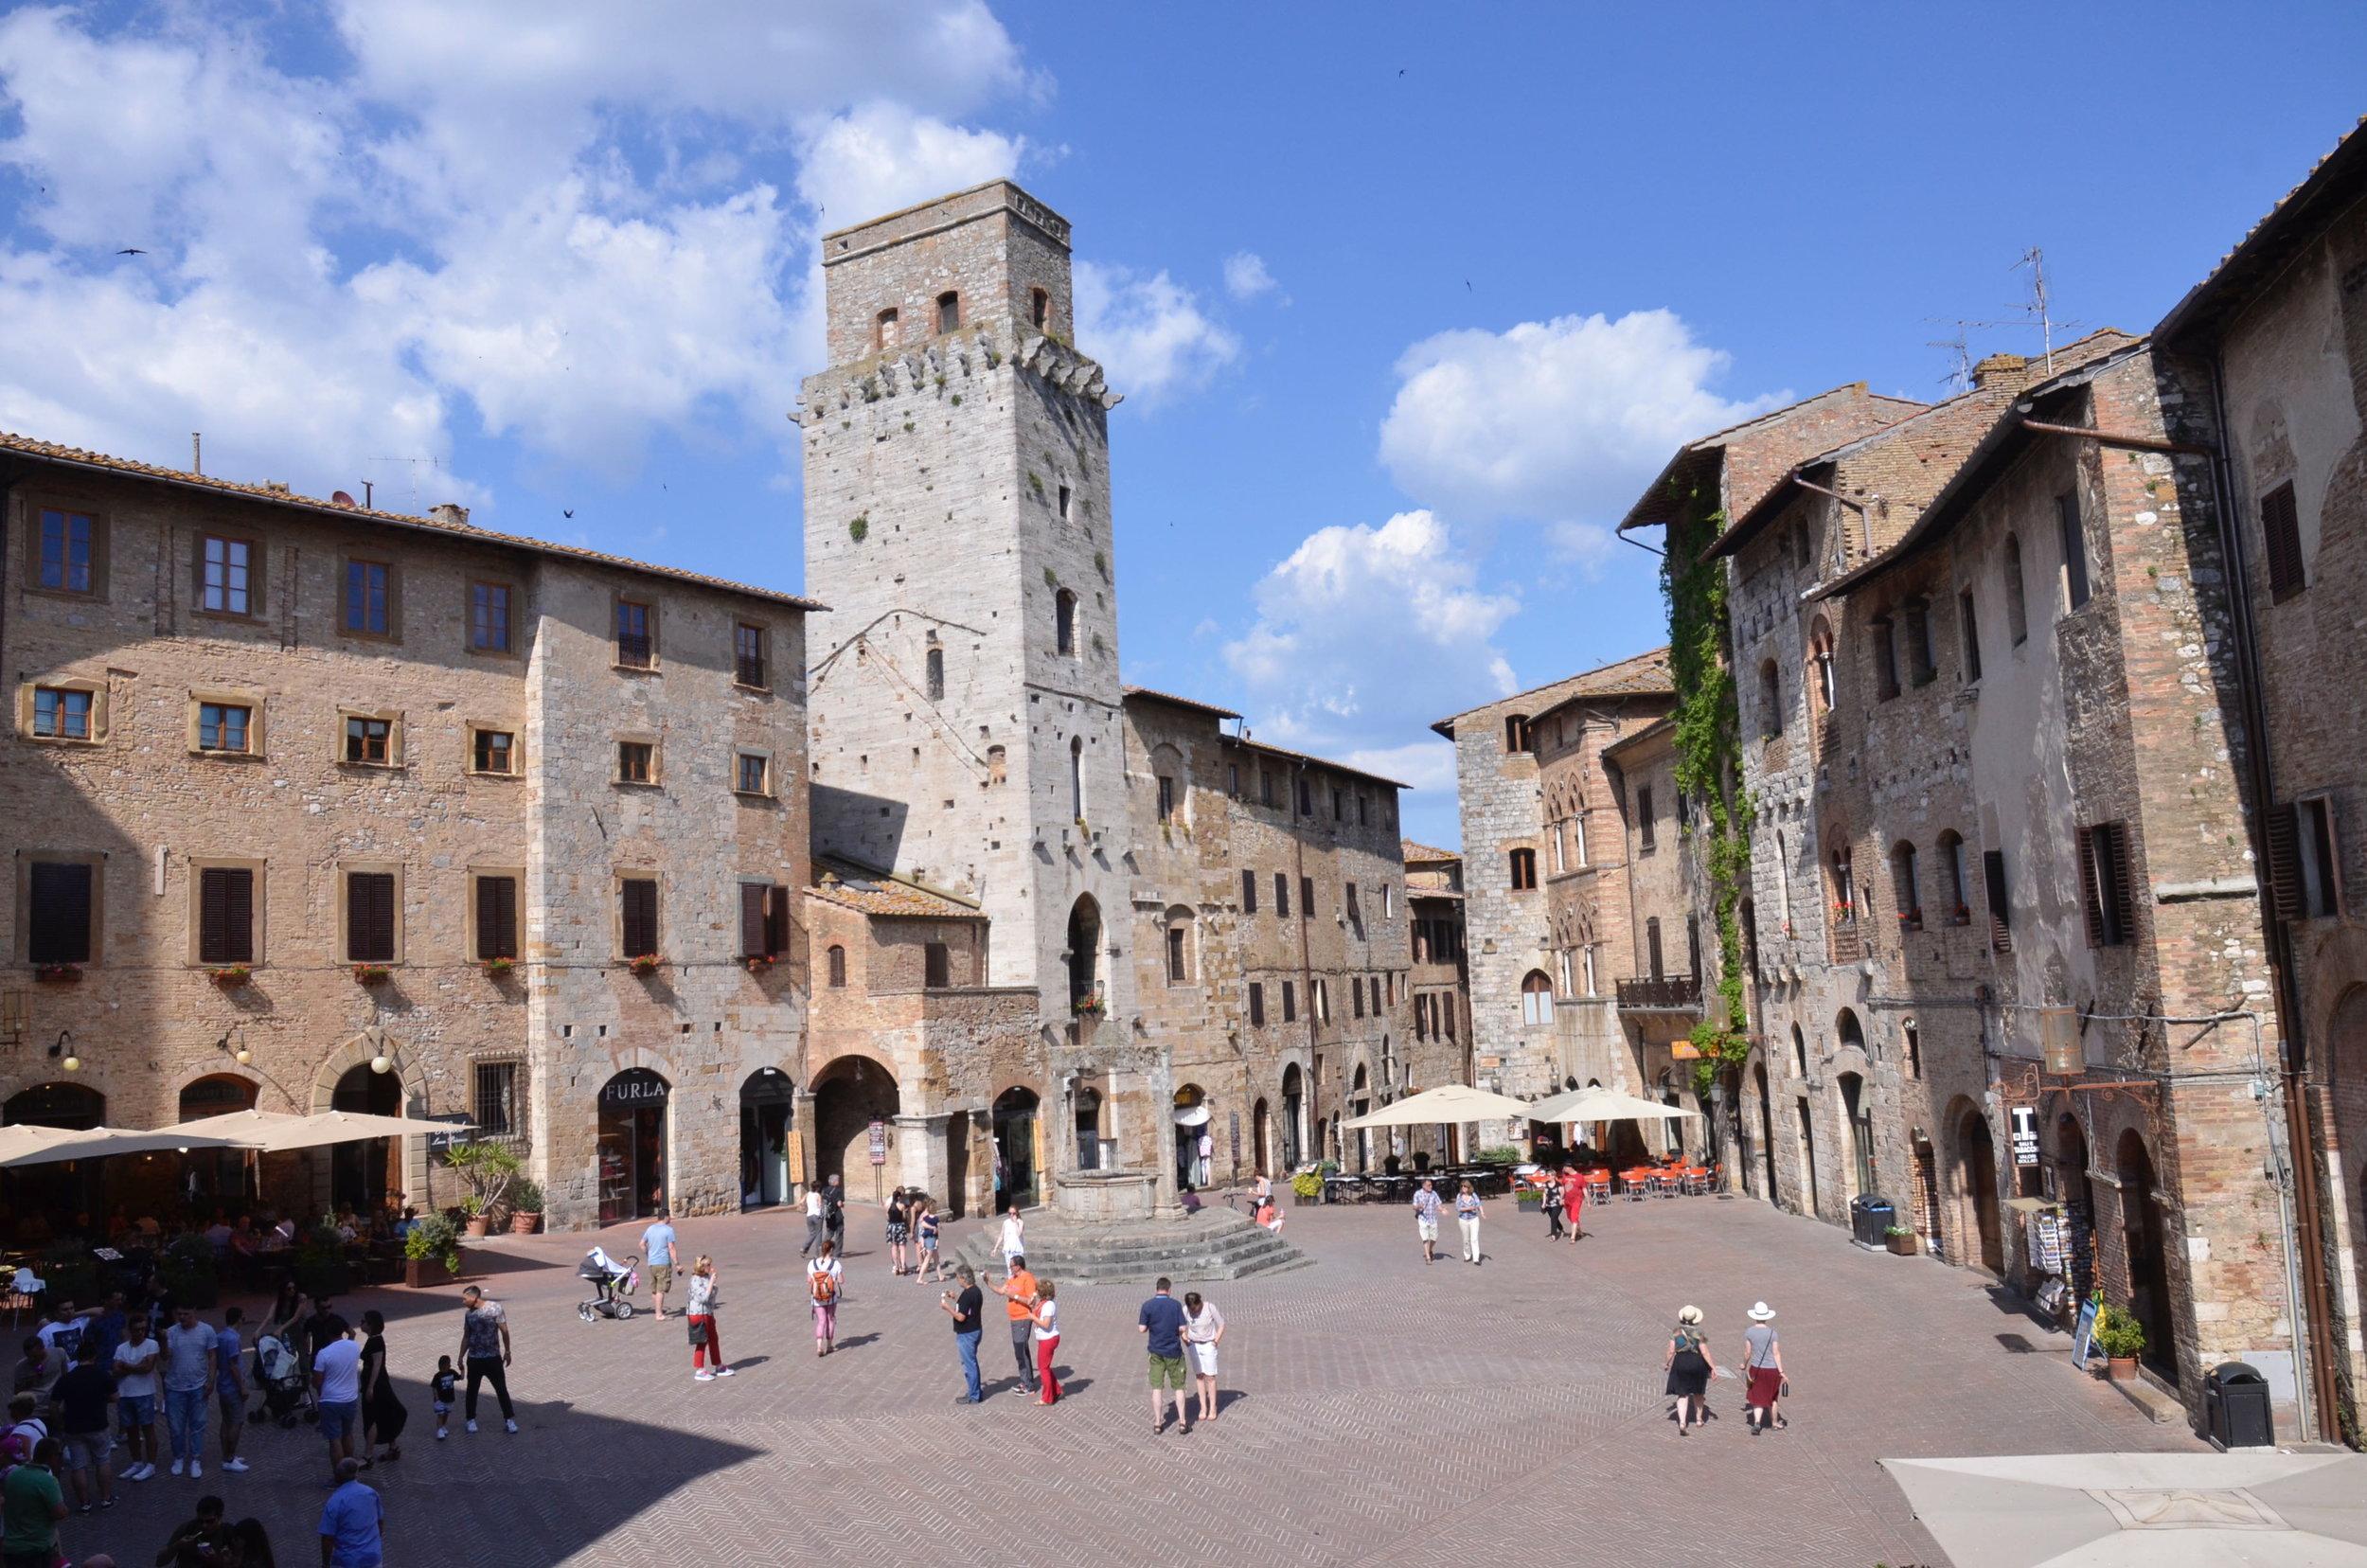 The main square in San Gimignano.